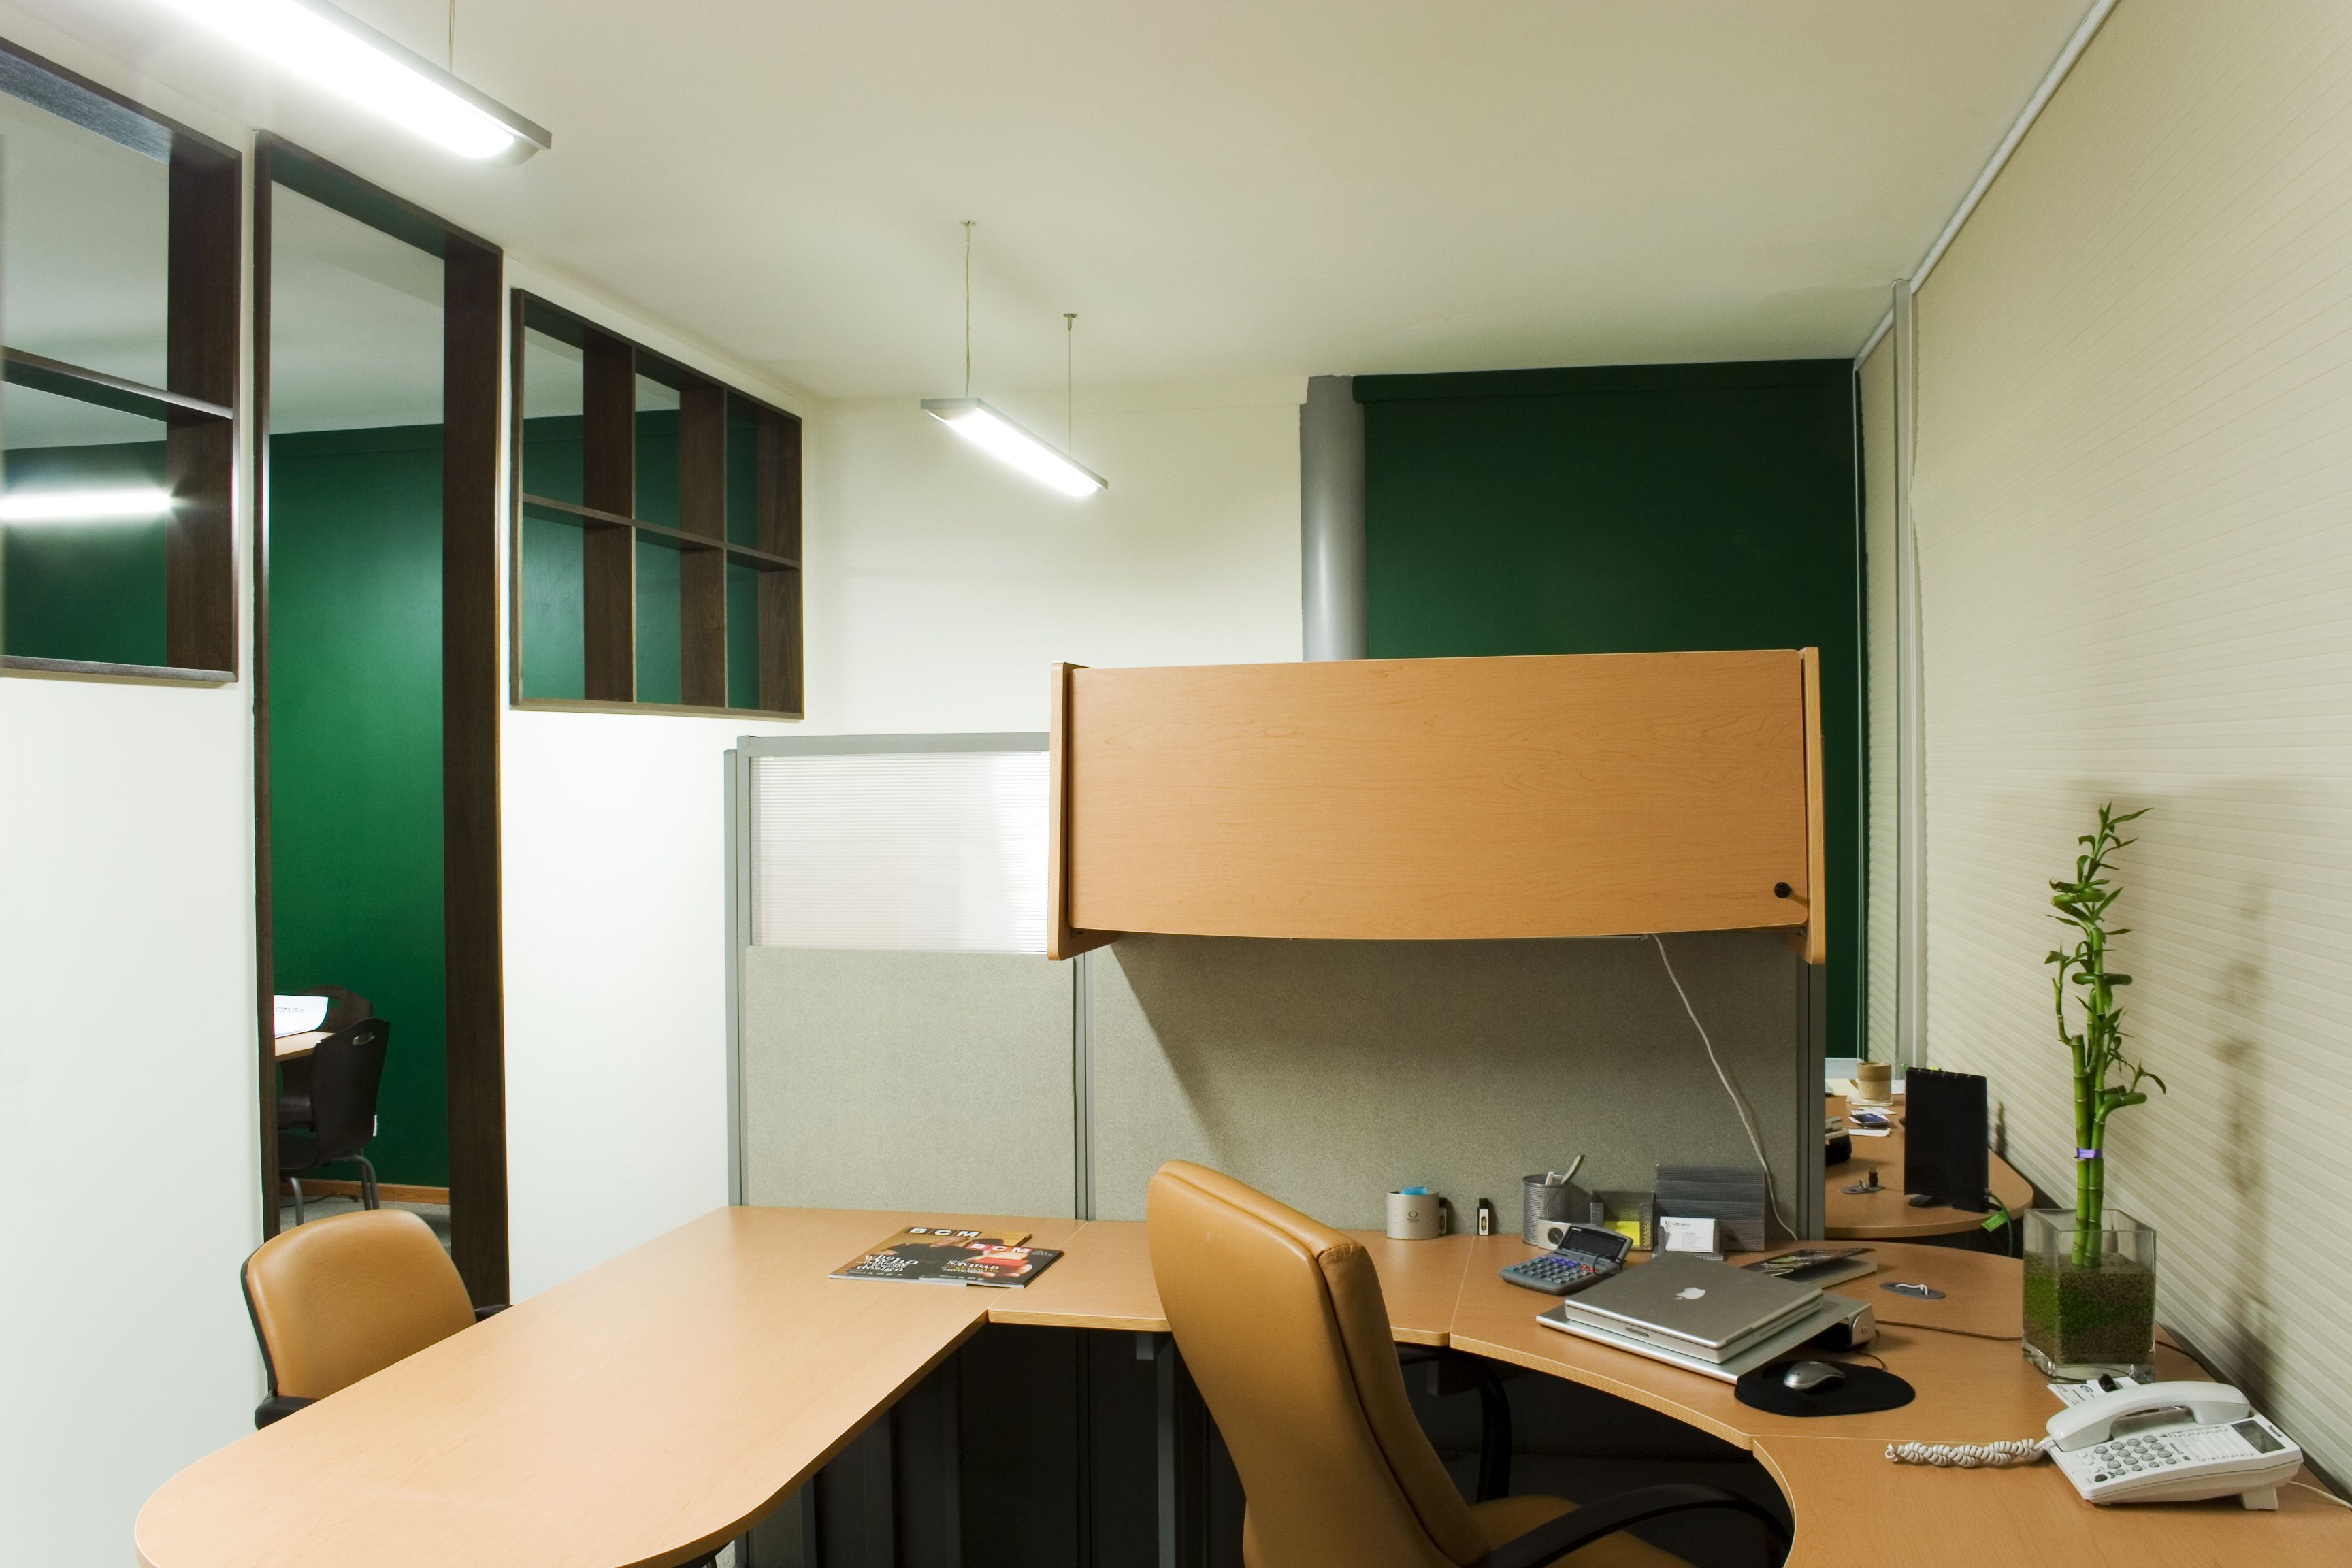 Oficina de Venko Adquisiciones en Calzada San Pedro: El Diseño ...